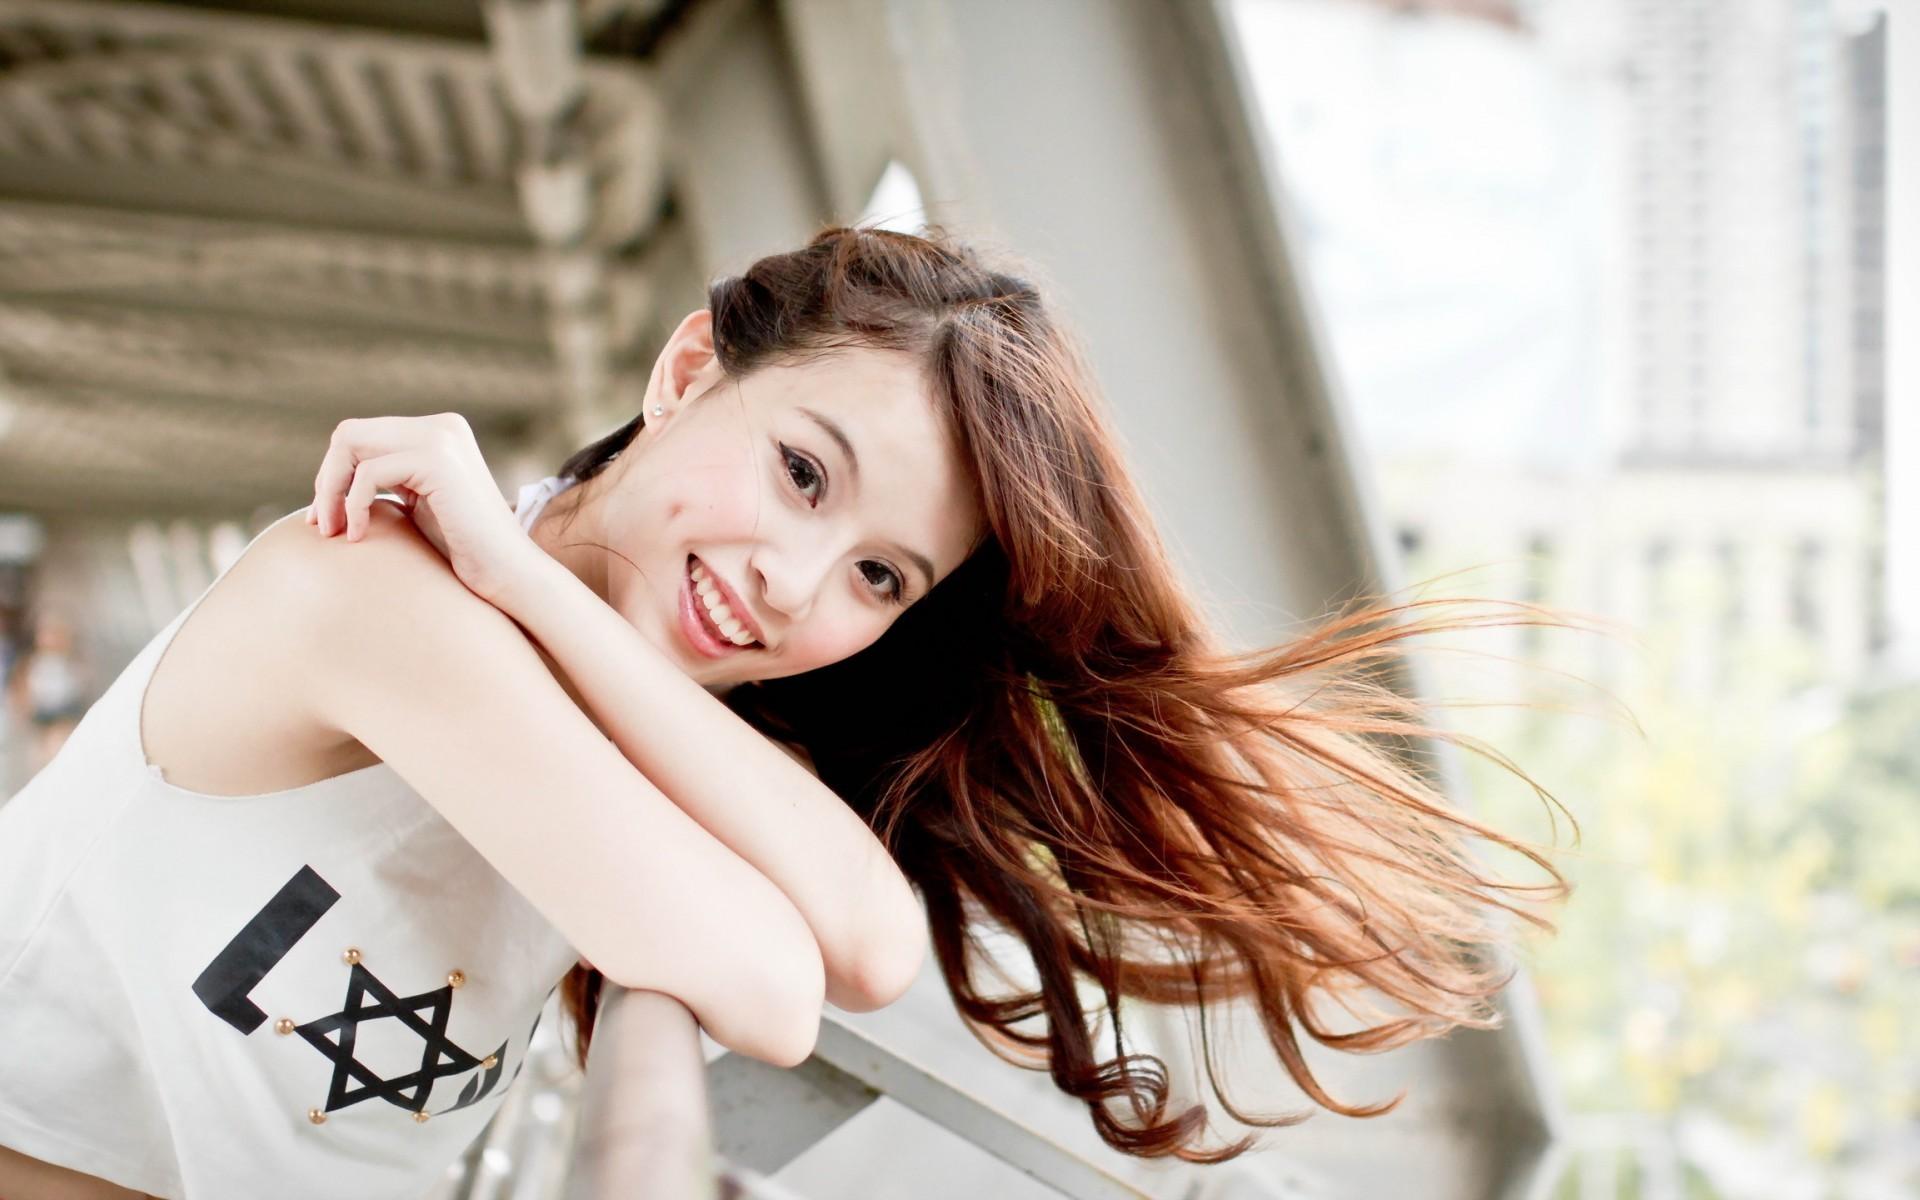 Không phải son phấn, phụ nữ đẹp được người đời ca tụng nhờ có những đặc điểm này - Ảnh 2